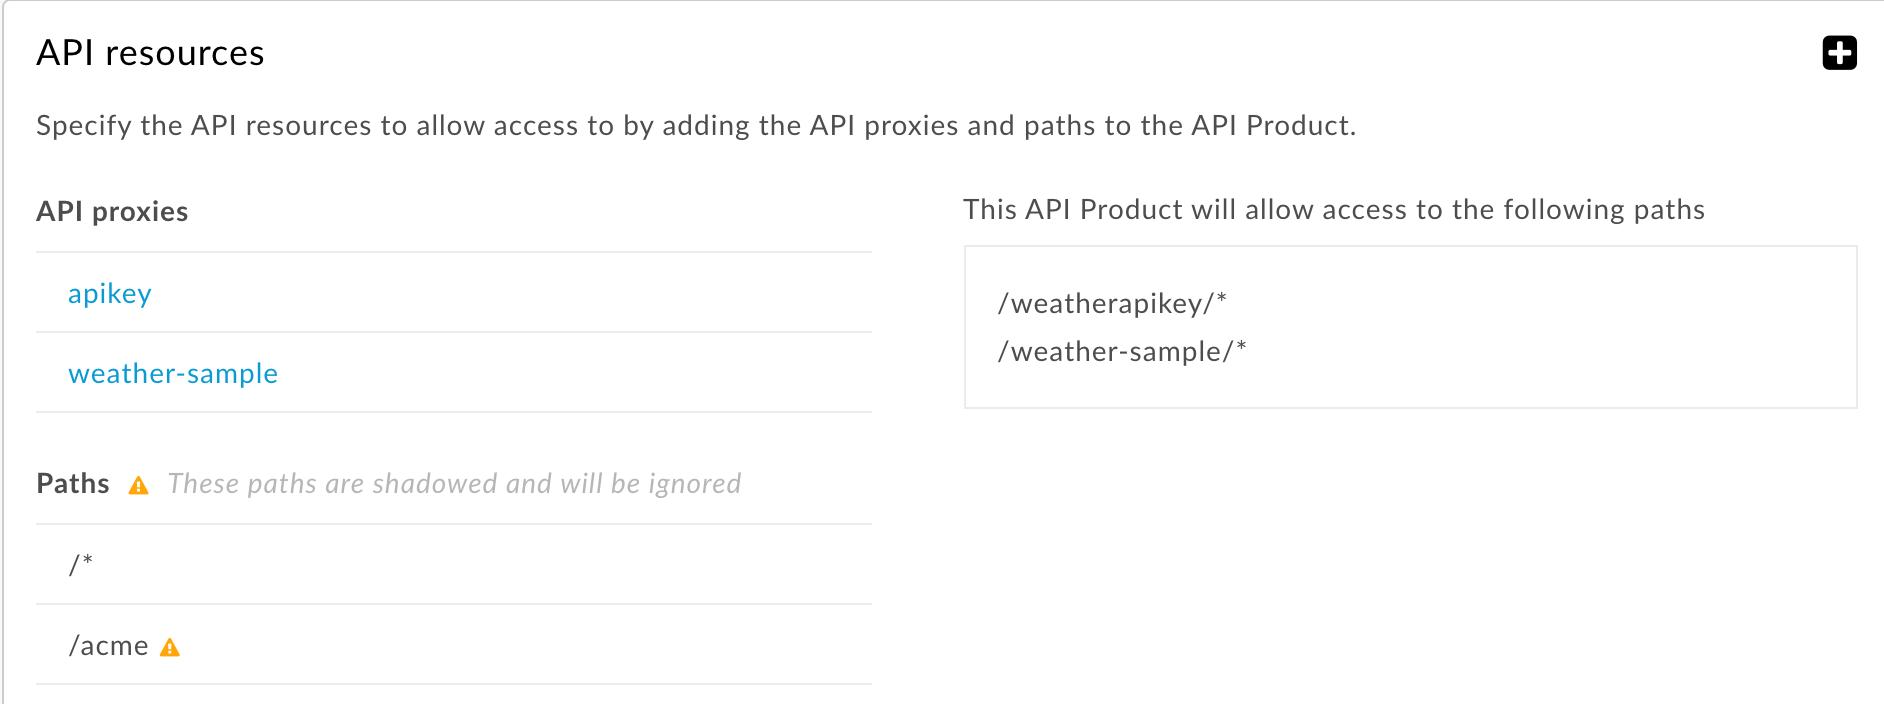 すべての API プロキシに適用されるリソースパスとより具体的なリソースパスは無視されます。